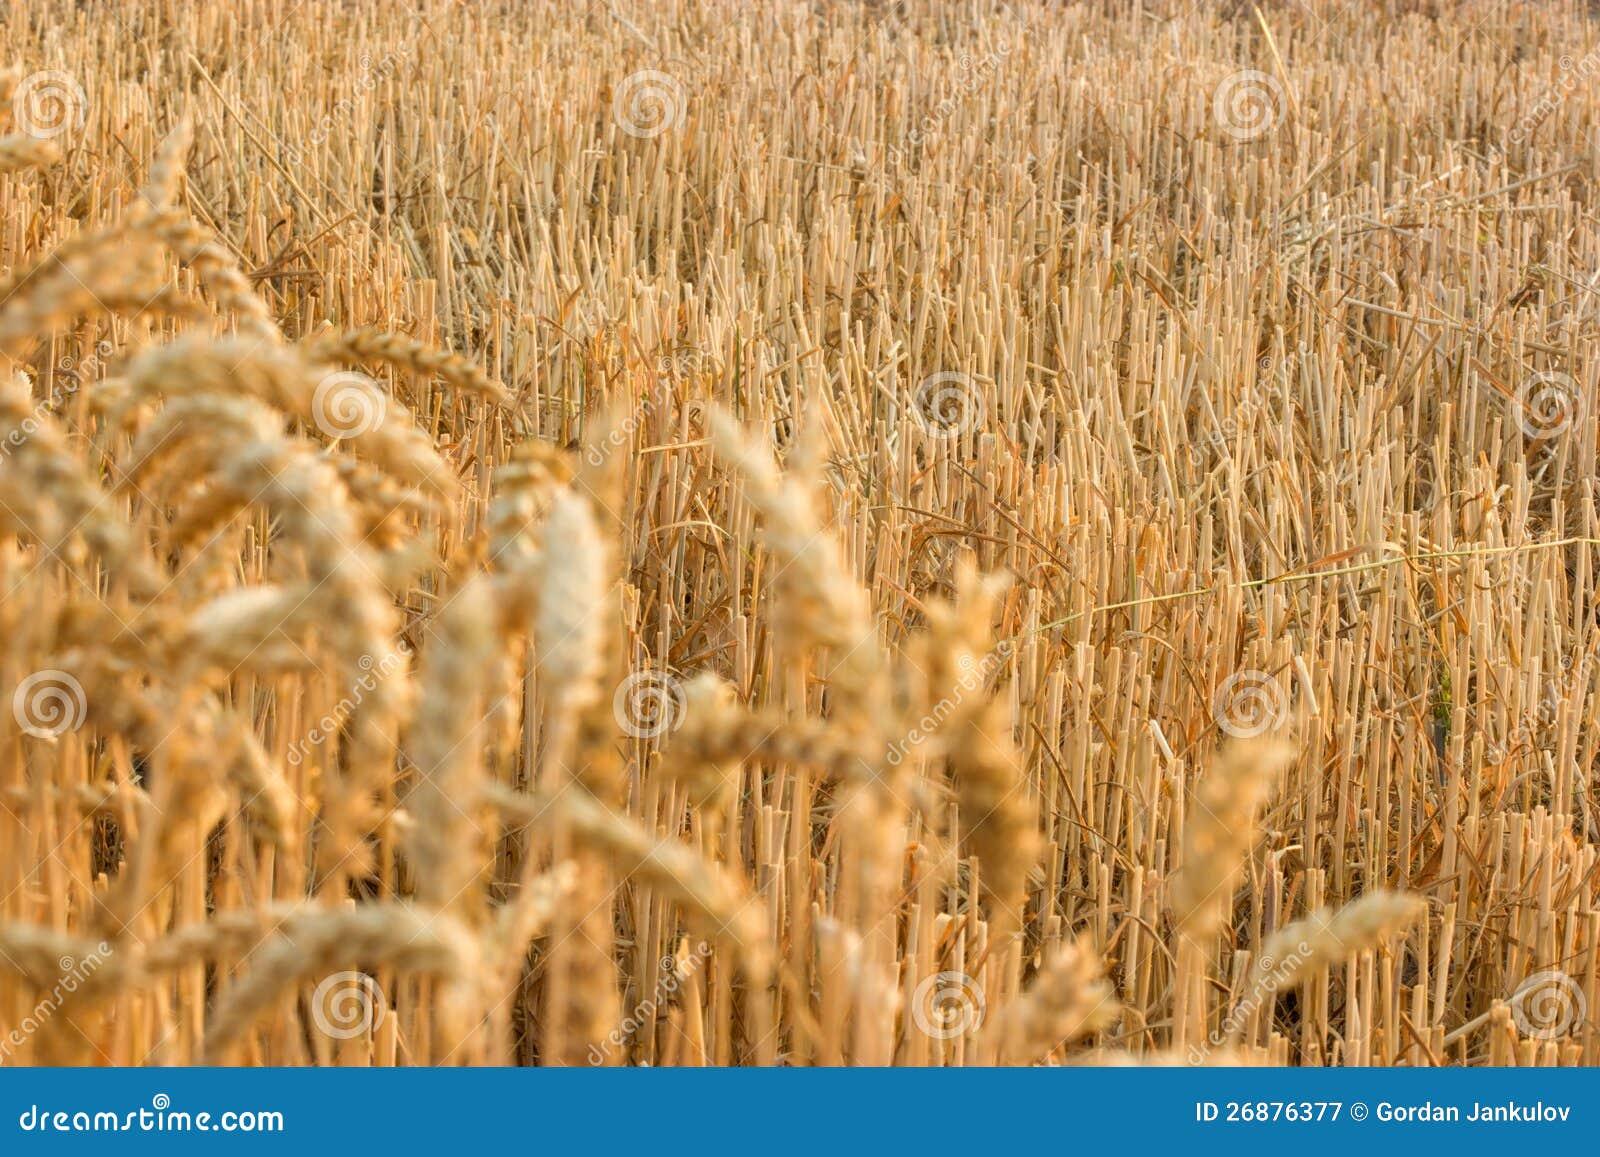 Weizen Stubble